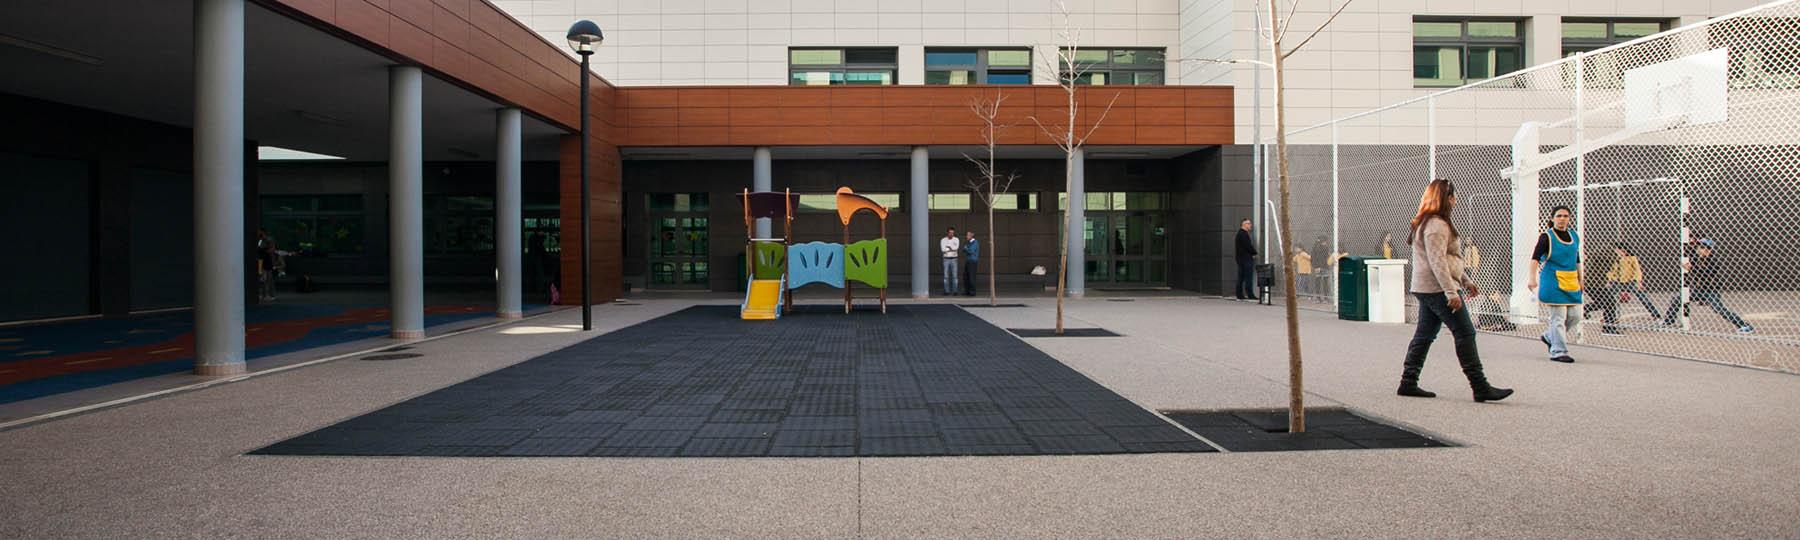 Colégio Parque das Nações2